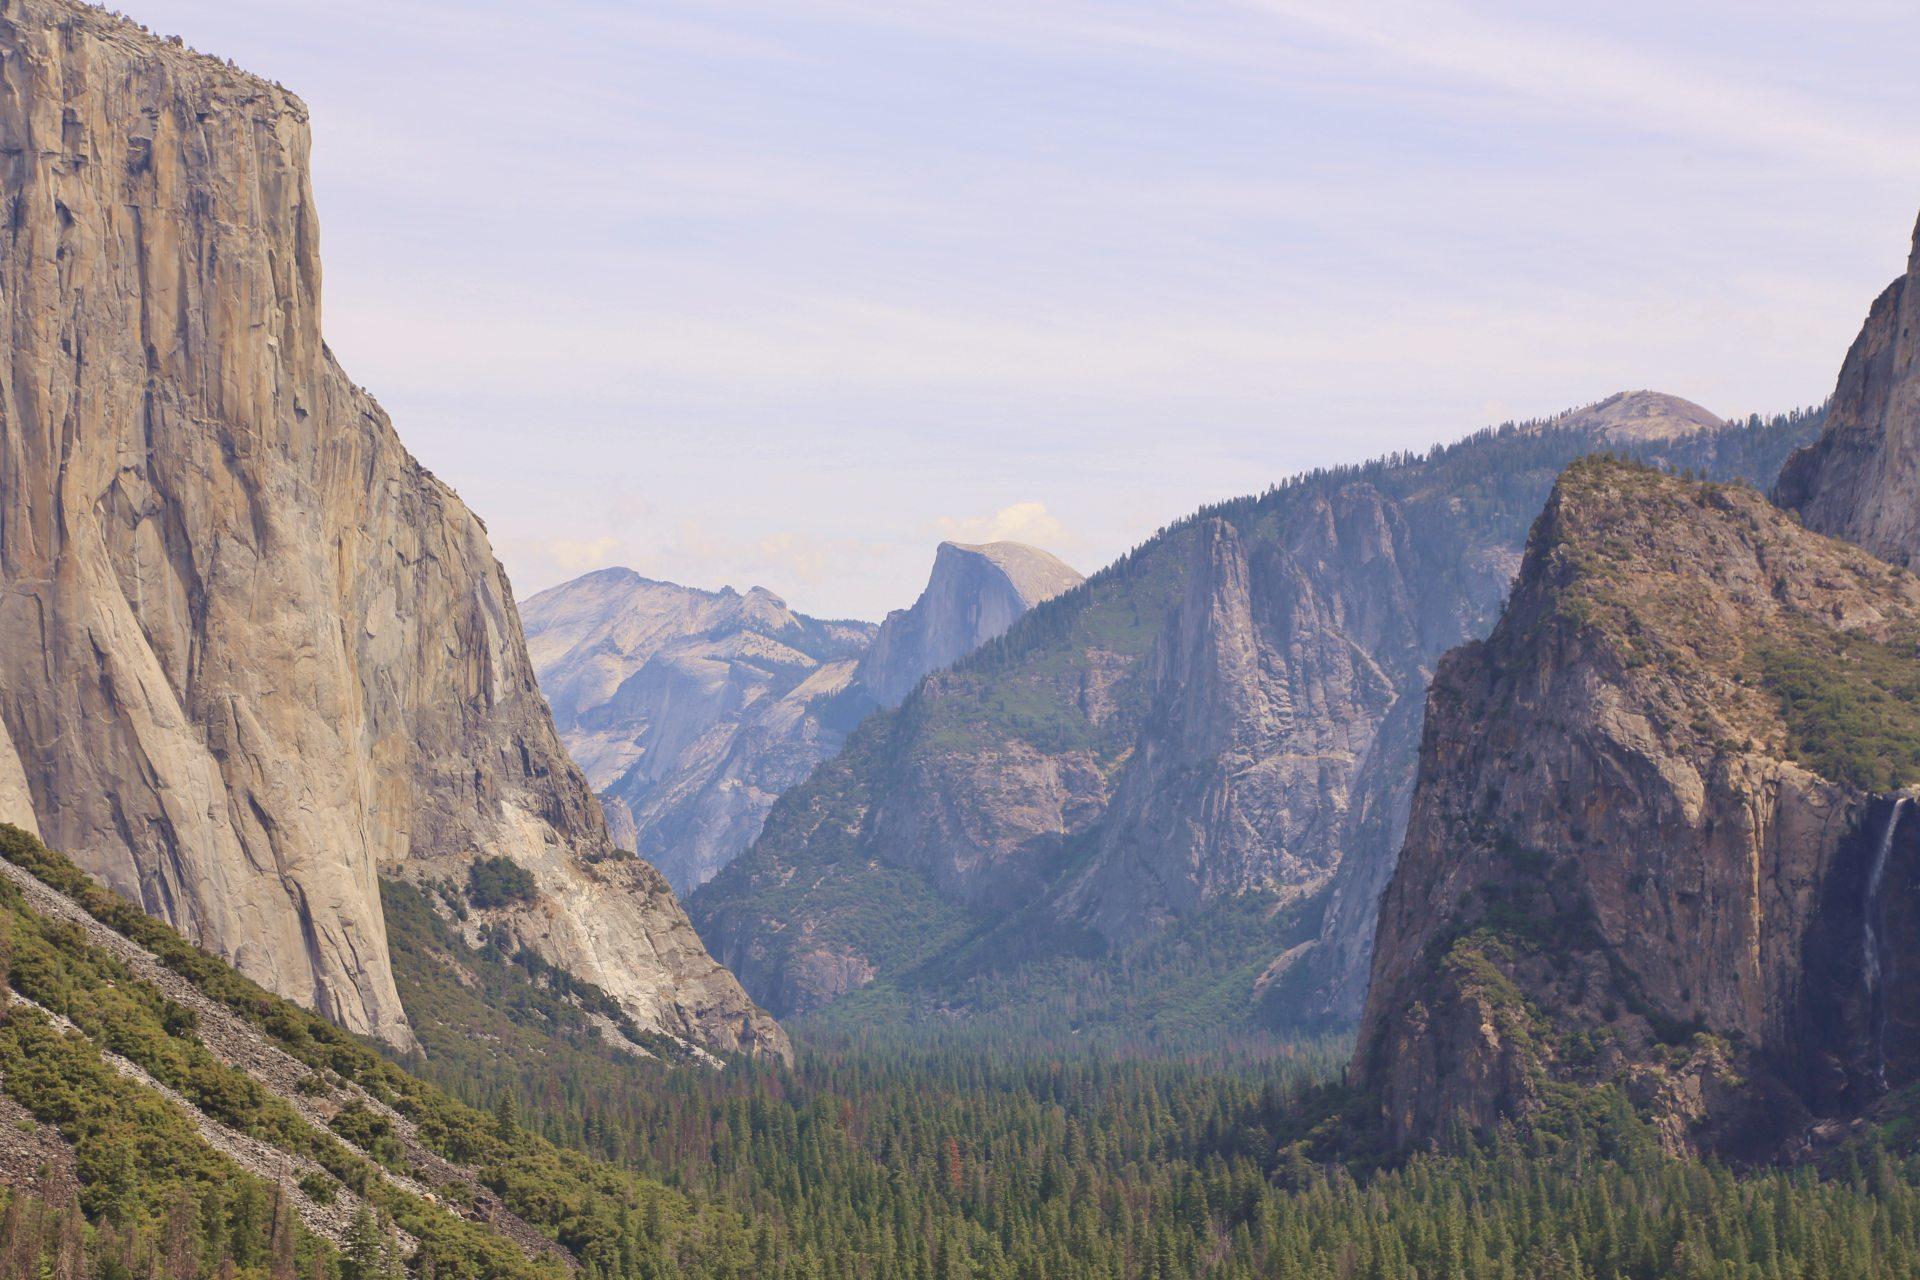 Beim Tunnel View bist nicht allein, ich sag das gleich im vorherein. - Aussicht, Bäume, Berge, Bridalveil Falls, Cathedral Rocks, El Capitan, Felswände, Fernsicht, Gipfel, Half Dome, Himmel, Kalifornien, Landschaft, Natur, Panorama, Taft Point, Tunnel View, Wälder, Wasserfall, Wolken, Yosemite National Park - (Foresta, Yosemite National Park, California, Vereinigte Staaten)